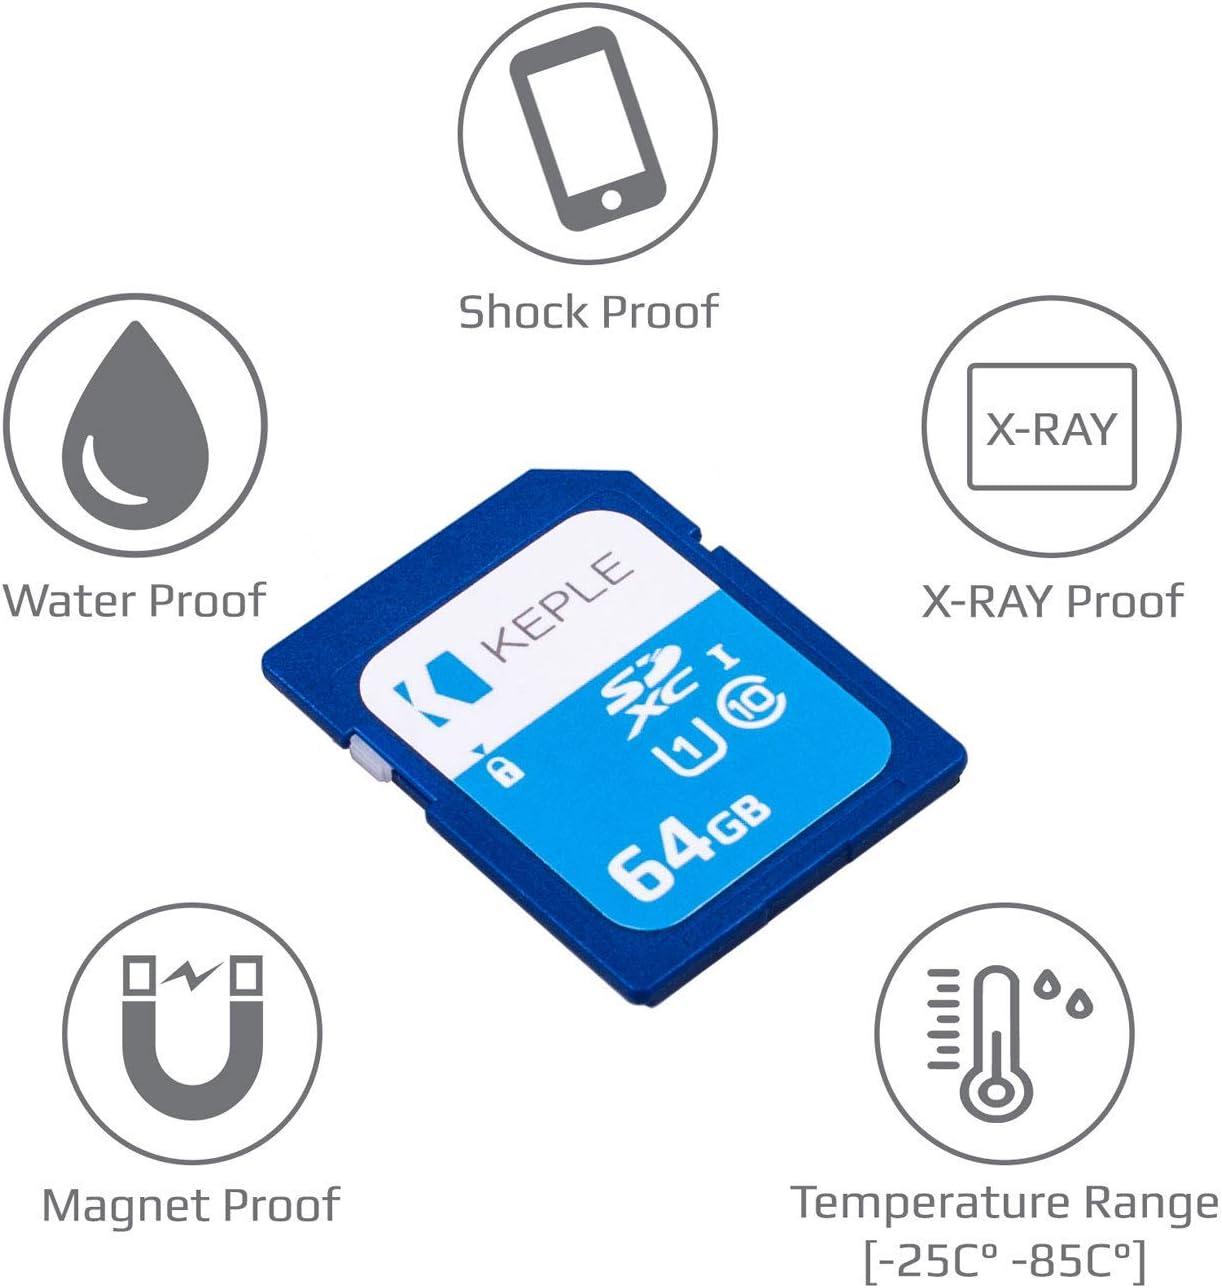 NEX-3N 7 Keple 32GB 32Go SD Memoire Carte de High Speed SD SDcarte Compatible avec Sony Alpha NEX-6 7R A3000 A5000 DSLR Digital Camera NEX-5T 32 GB Go G Storage Classe 10 UHS-1 U1 SDHC Card